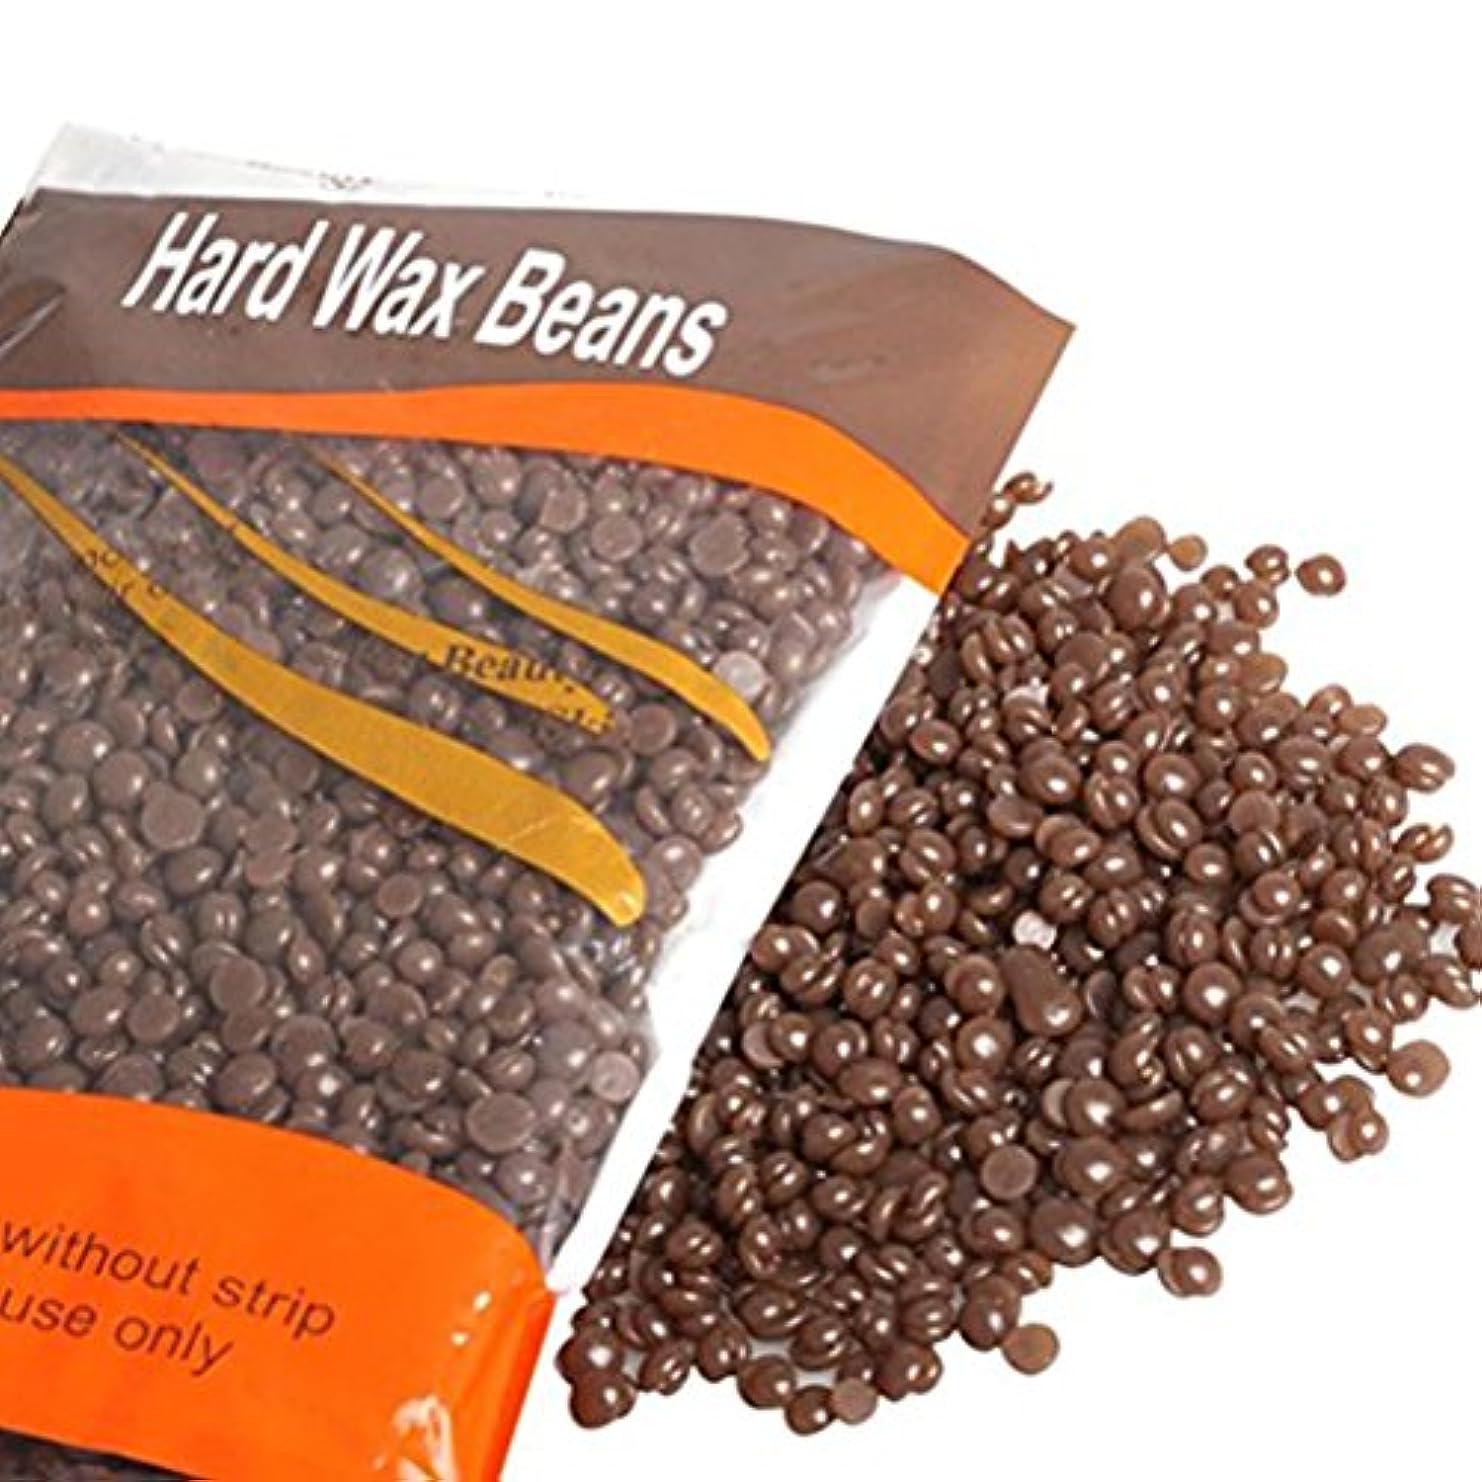 積分毎年充電Healifty ワックス豆 脱毛 ワックス ワックス豆ペレット ムダ毛 ひげ わき すね ビキニ 全身で利用でき スパチュラ 脱毛紙 ワックス豆 300グラム(チョコレート)